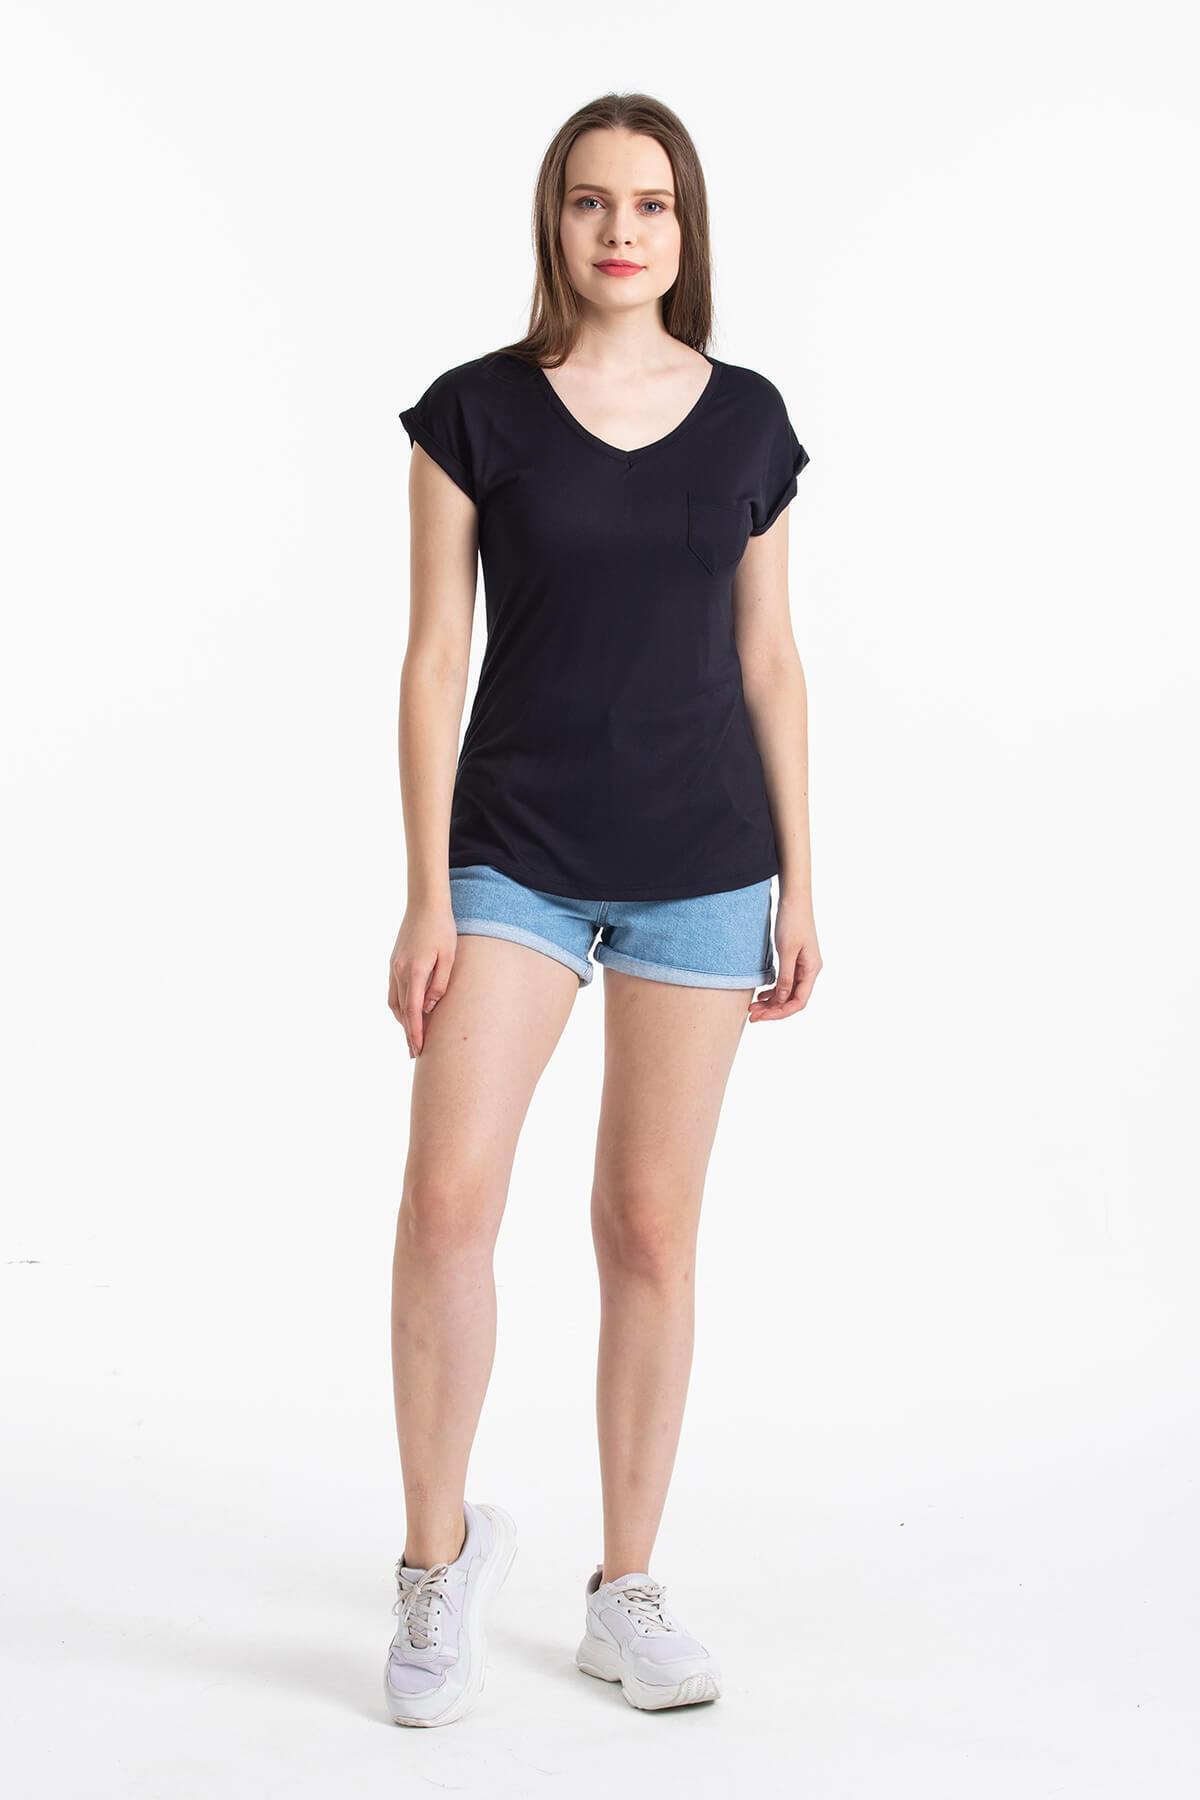 Mossta Kadın Siyah V Yaka Cepli T-shirt 2